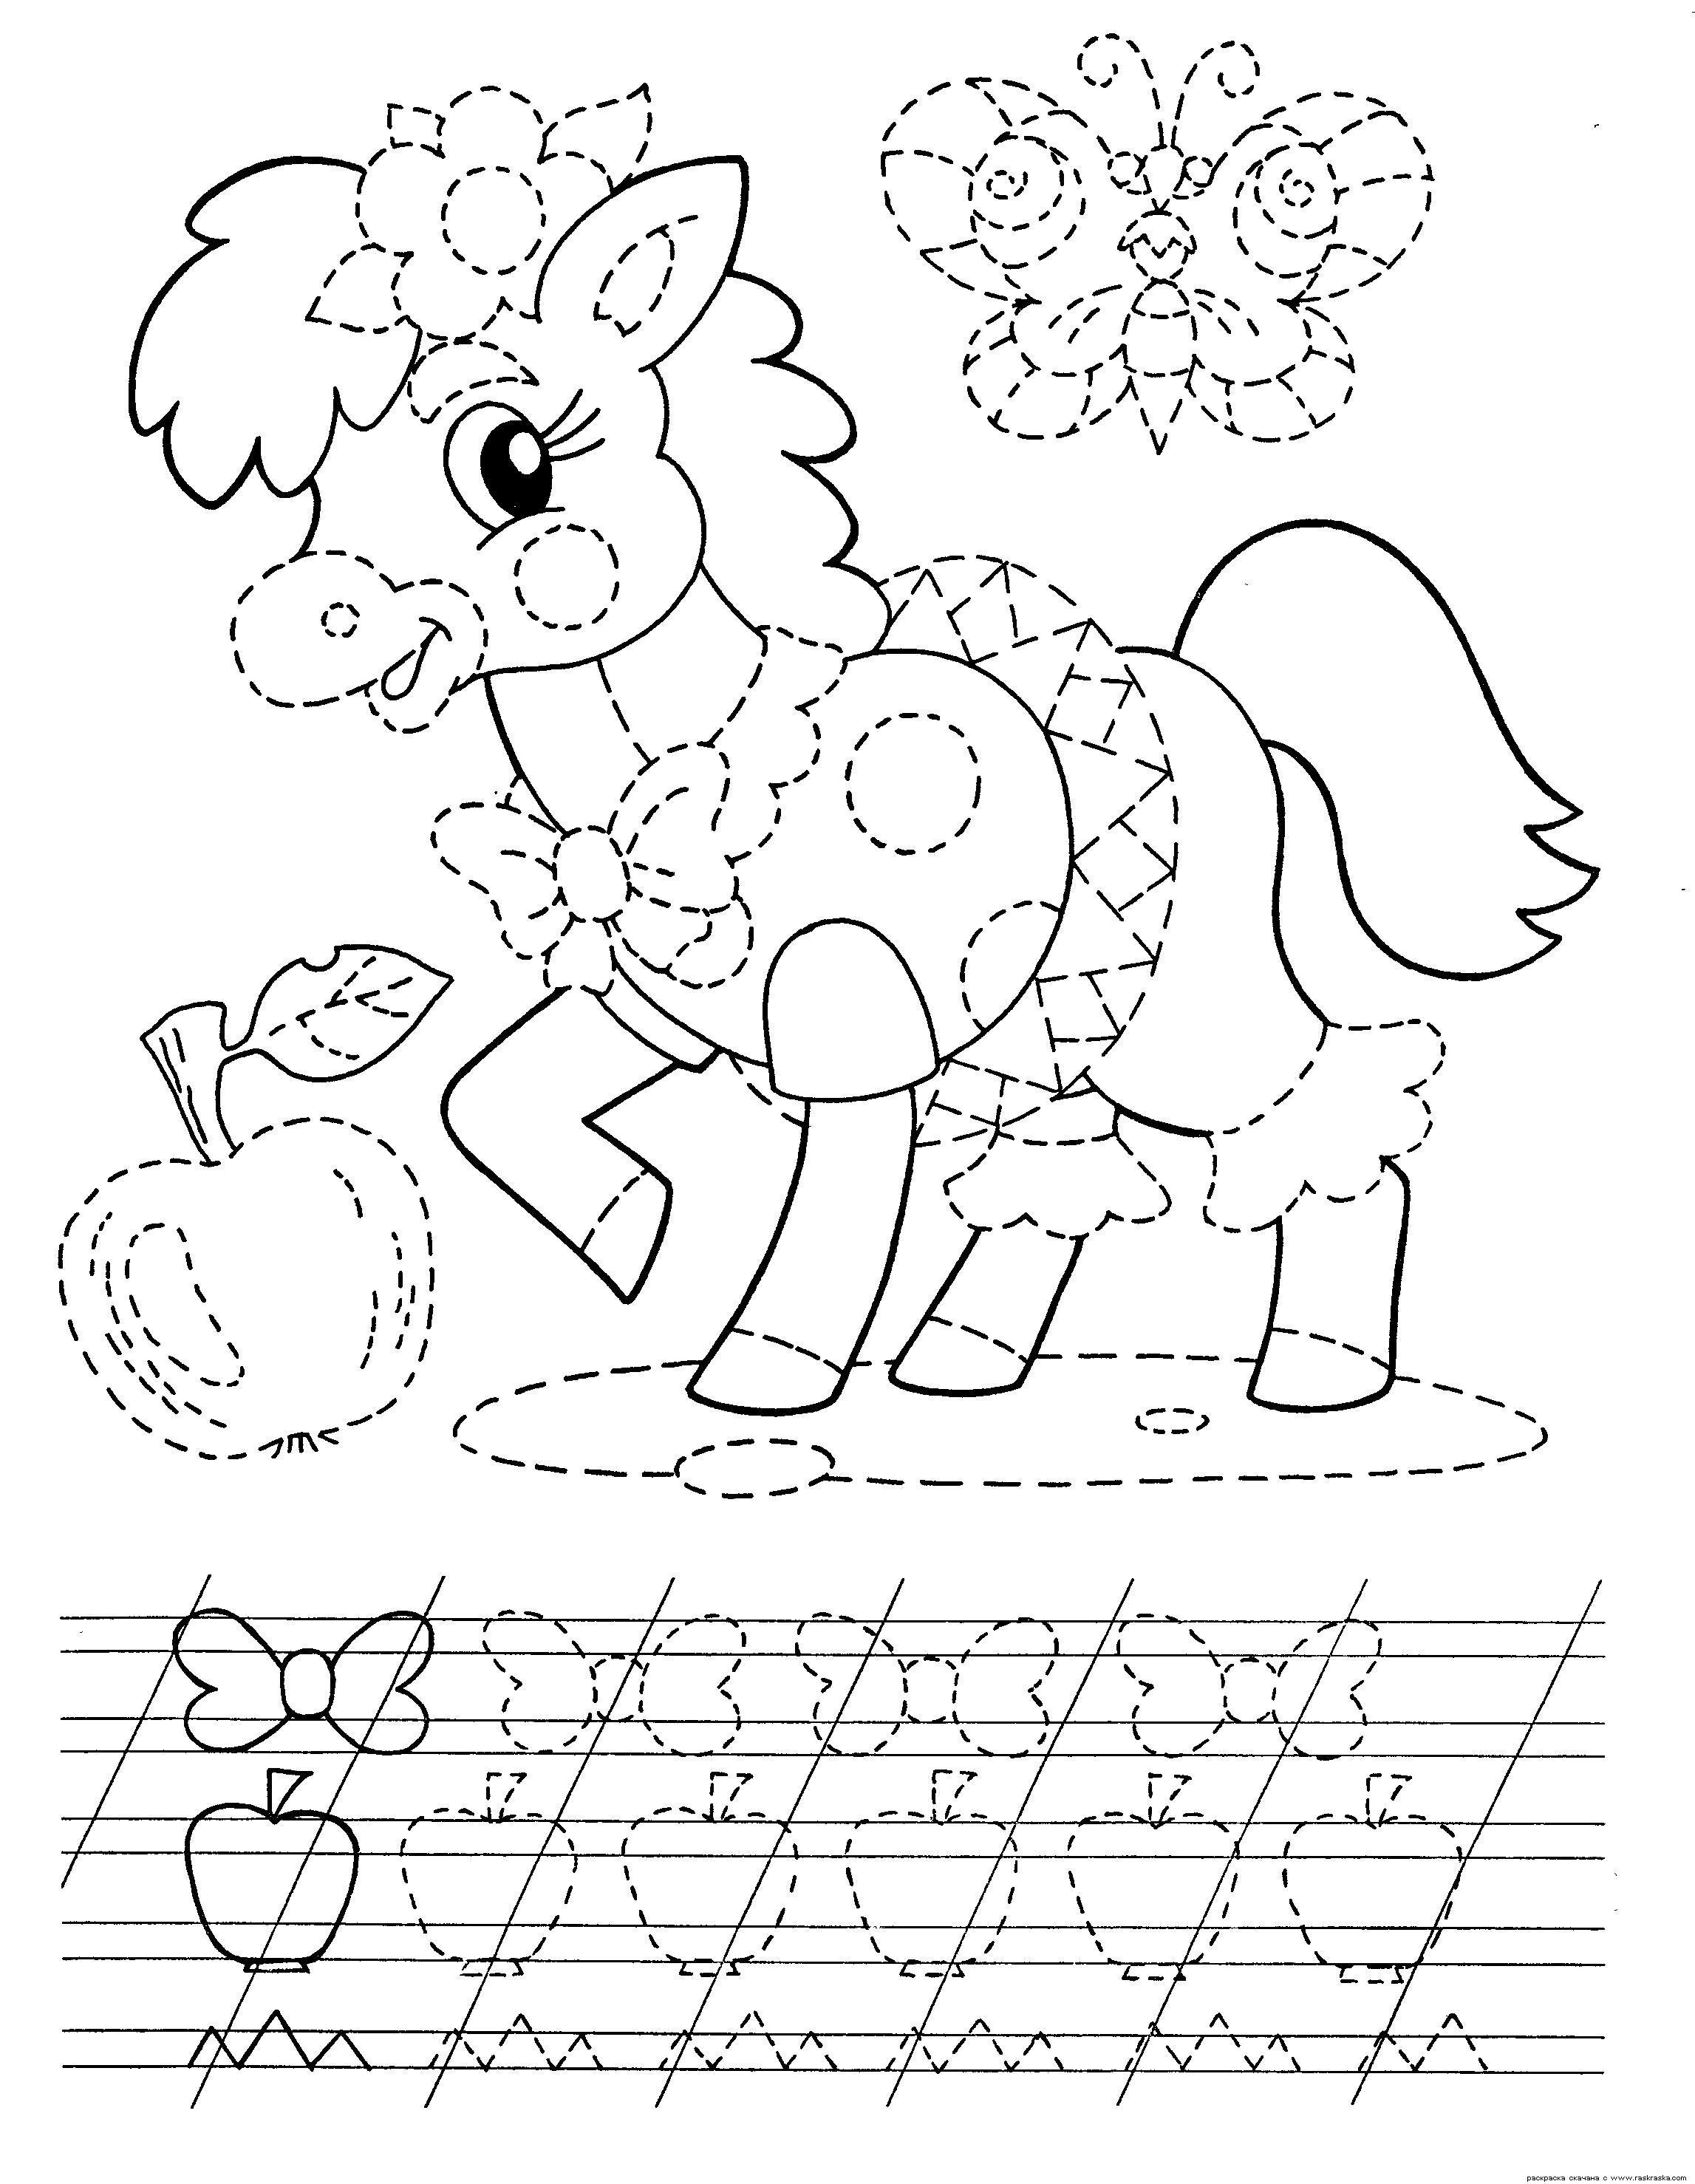 Прописи для дошкольников, раскраска пони на лужайке, бабочка, яблочко